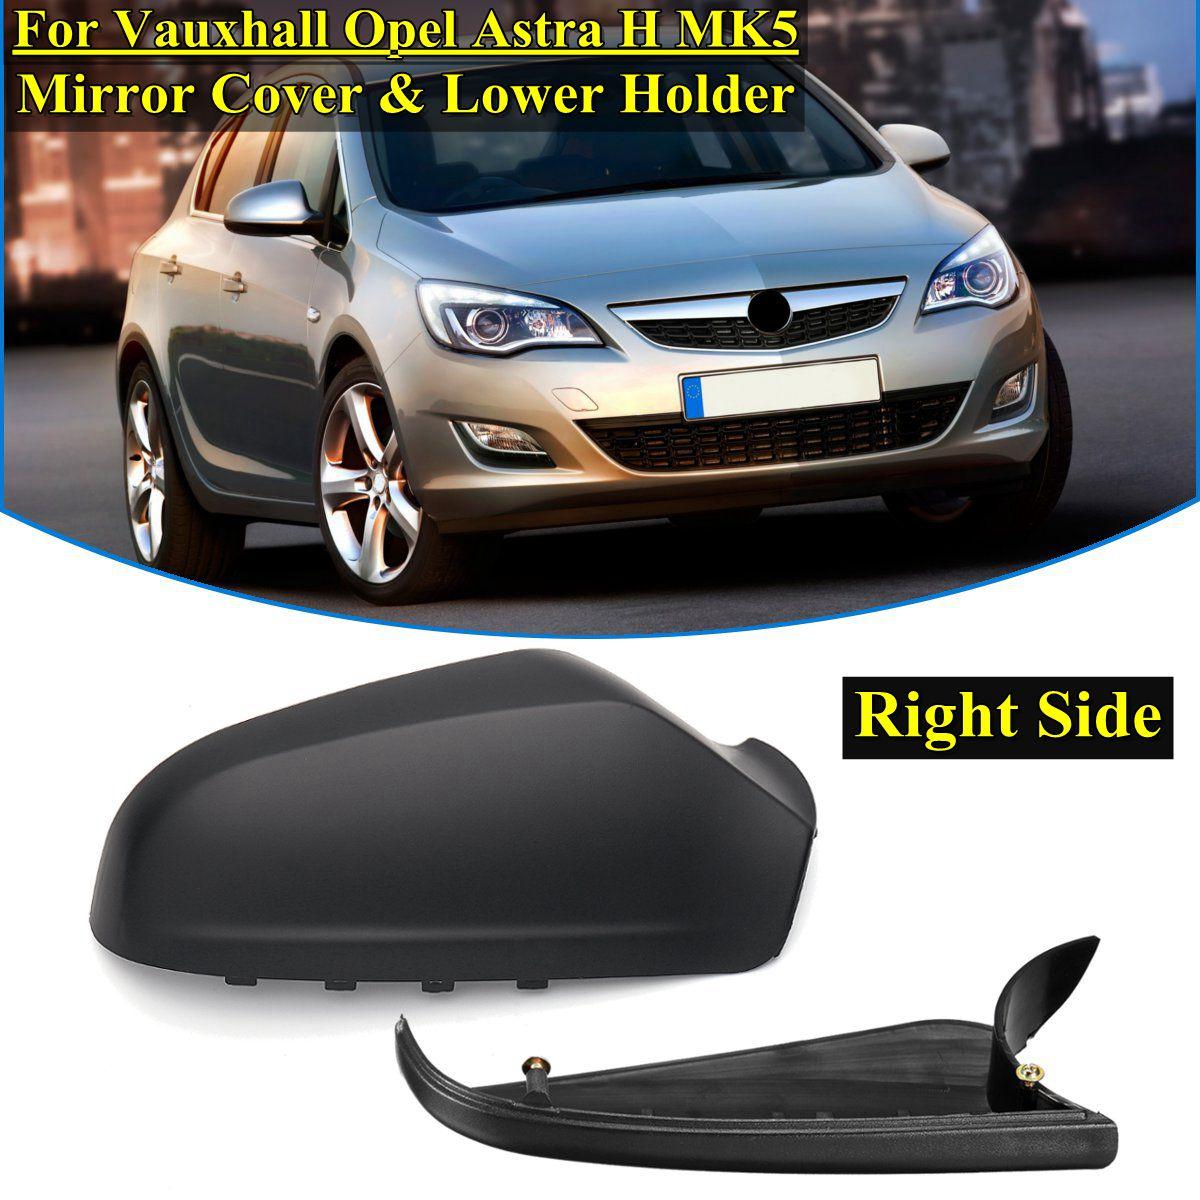 1 Set Links Of Rechts Voor Vauxhall Opel Astra H Mk5 2004 05-2009 Wing Spiegel Cover + Bottom Cover Rechterkant Lagere Houder